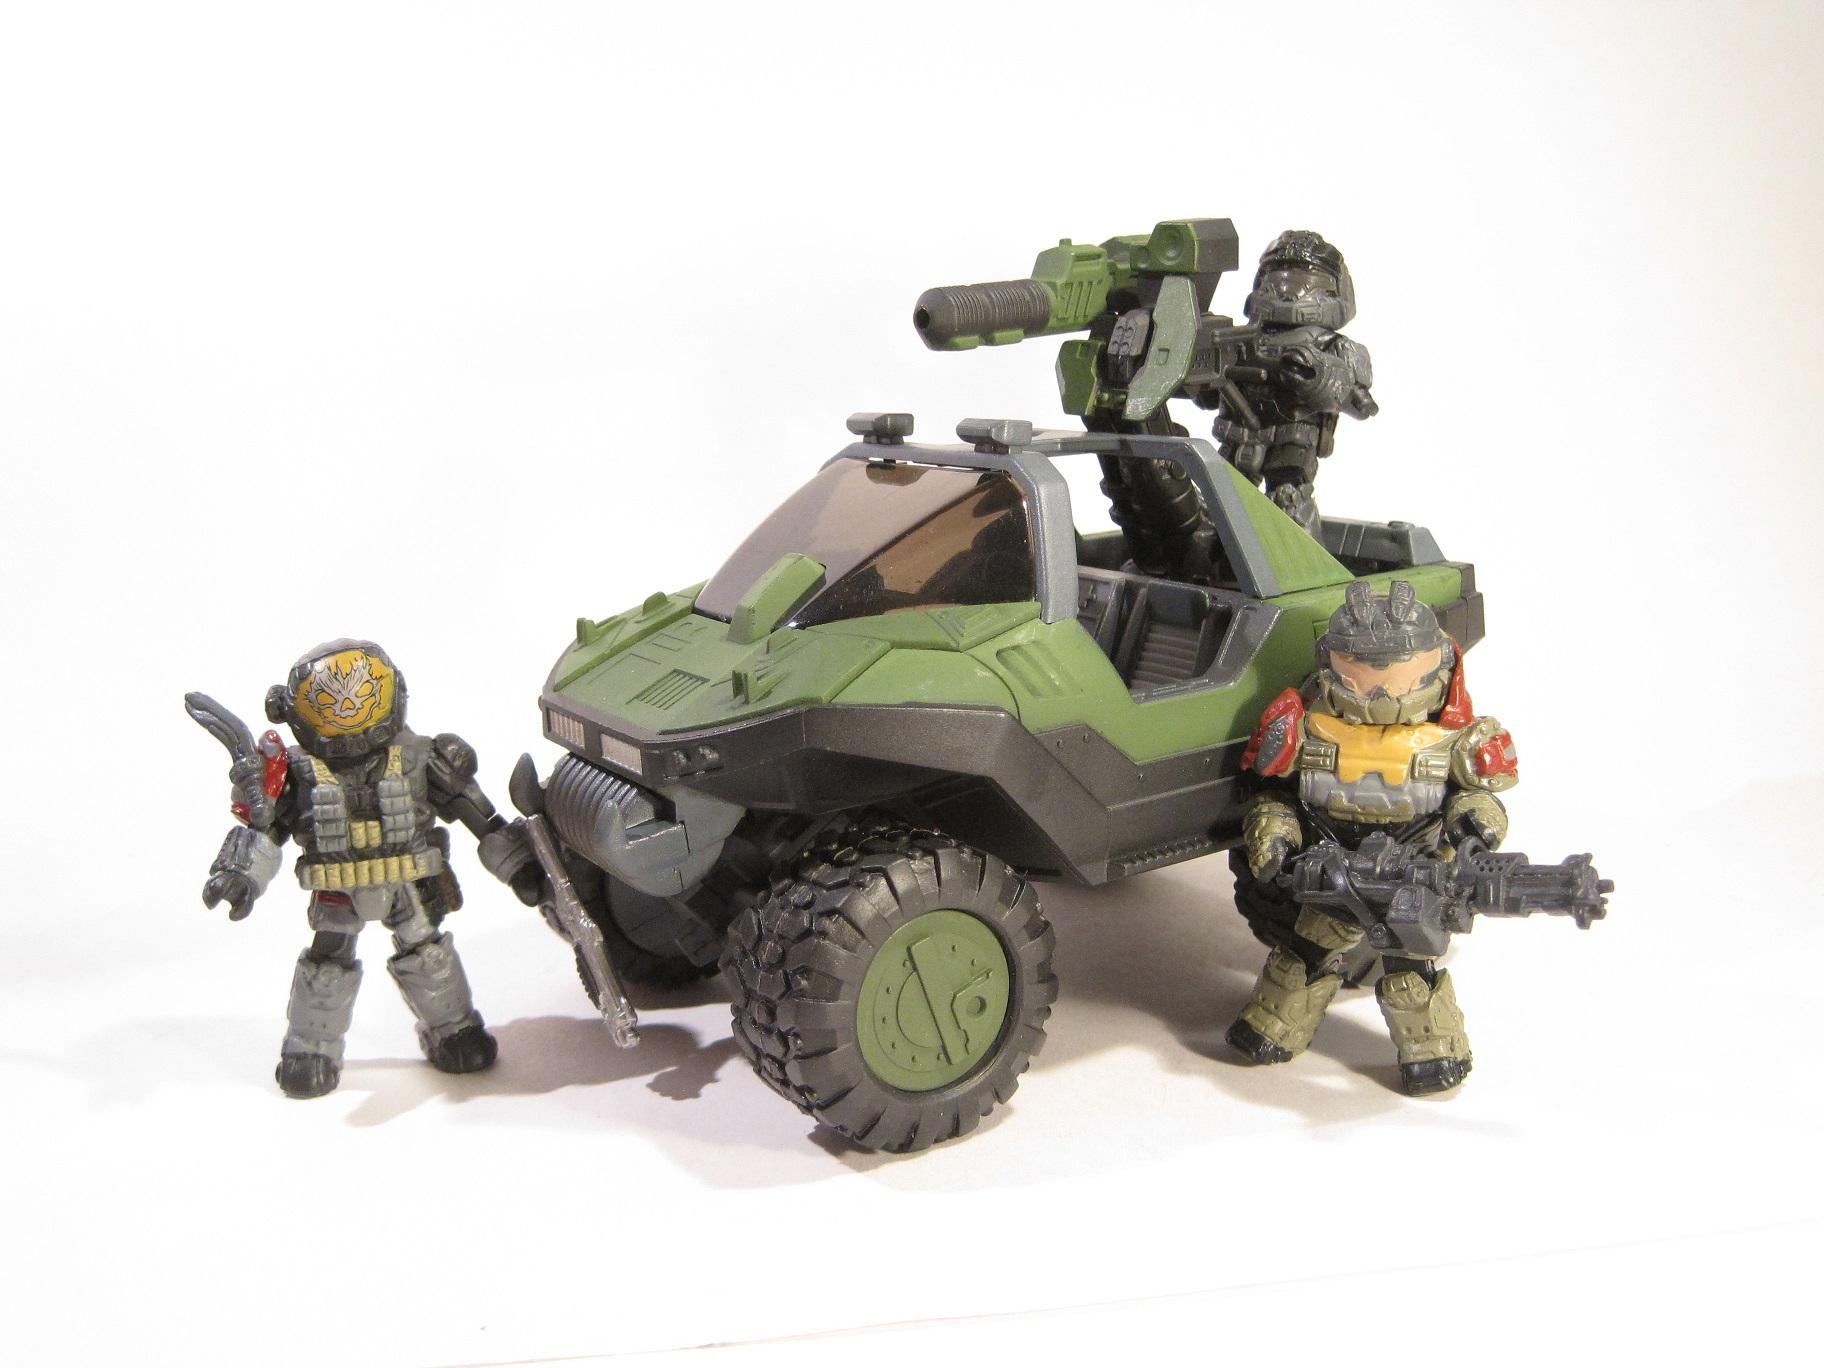 Halo Minimates Warthog Halo Minimates